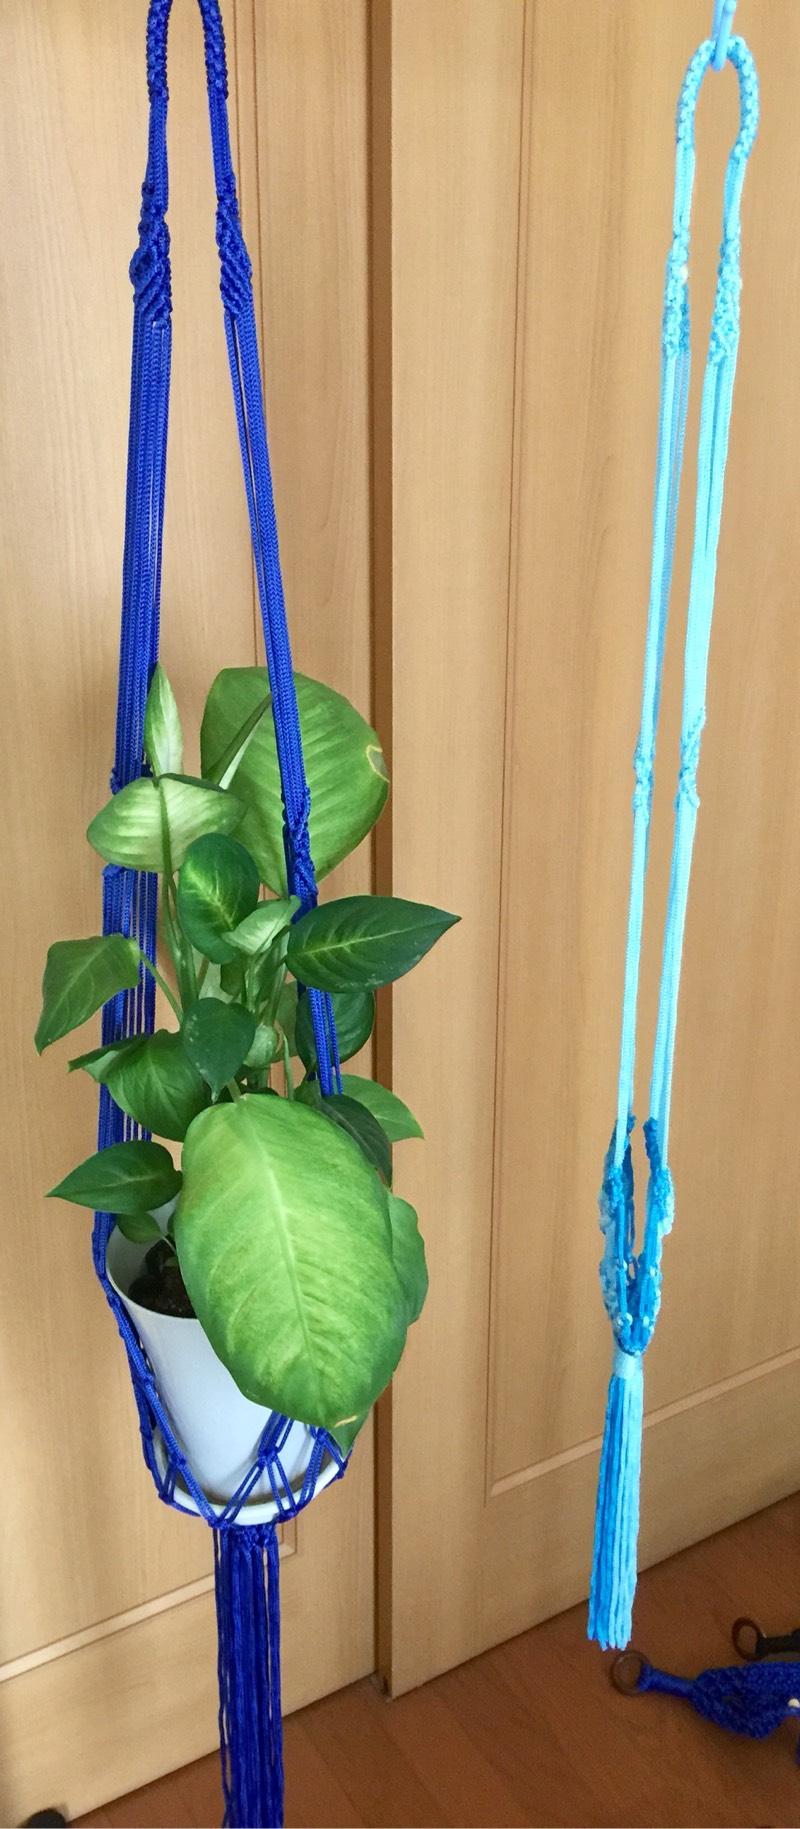 中国结论坛 吊挂植物架都完工 吊挂,植物,完工,垂吊植物大全,耐阴的垂吊植物有哪些 作品展示 221741x7ga7d8q7r187c2t